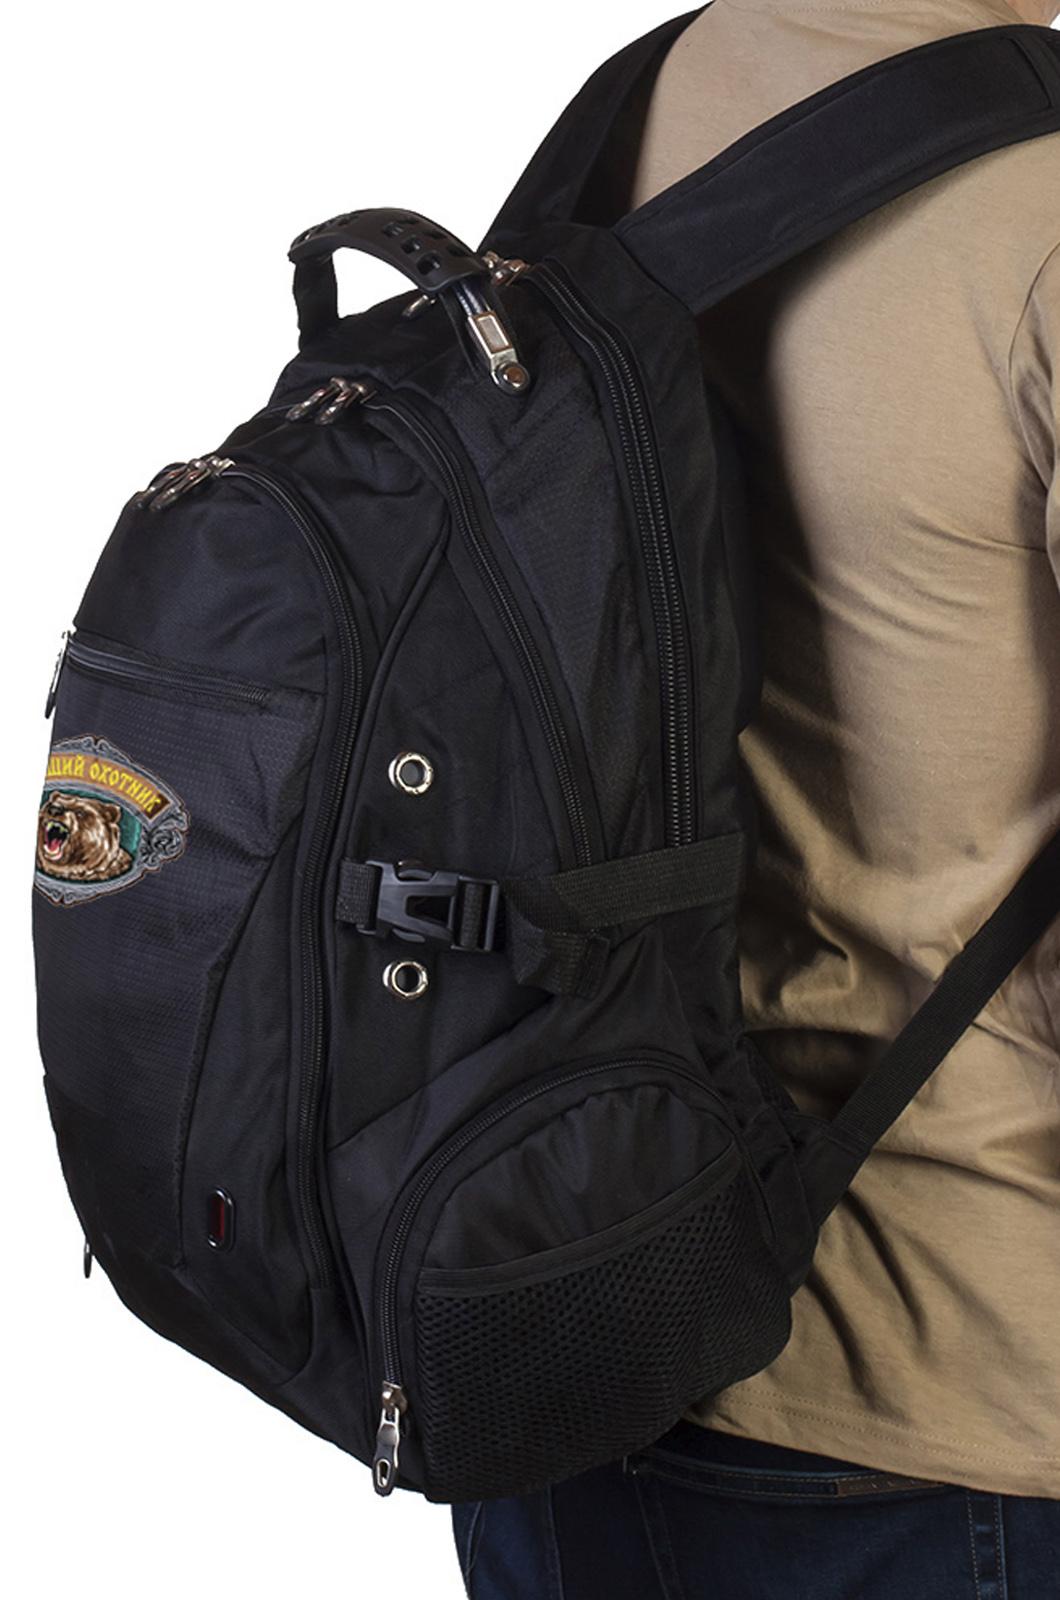 Крутой рюкзак с нашивкой Лучший охотник.